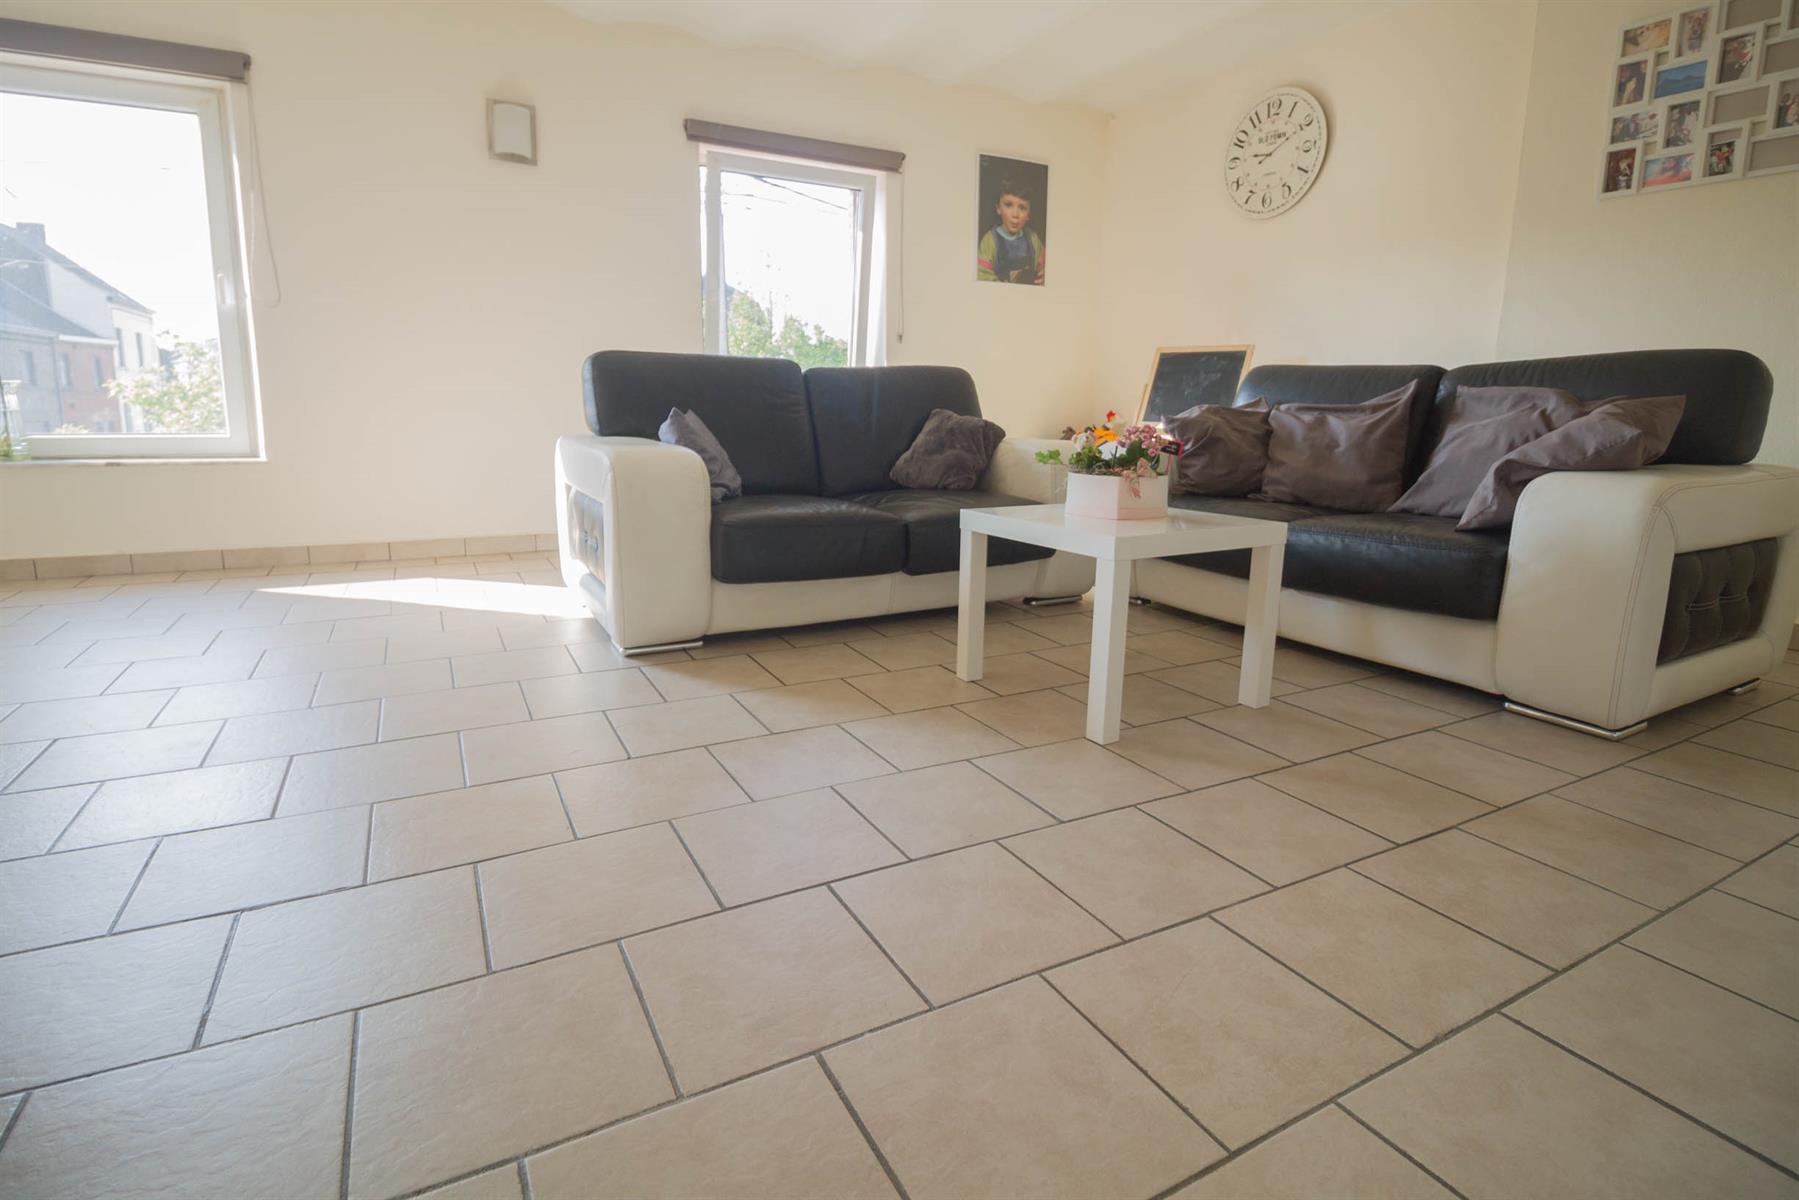 Appartement - Forchies-la-Marche - #4397249-16